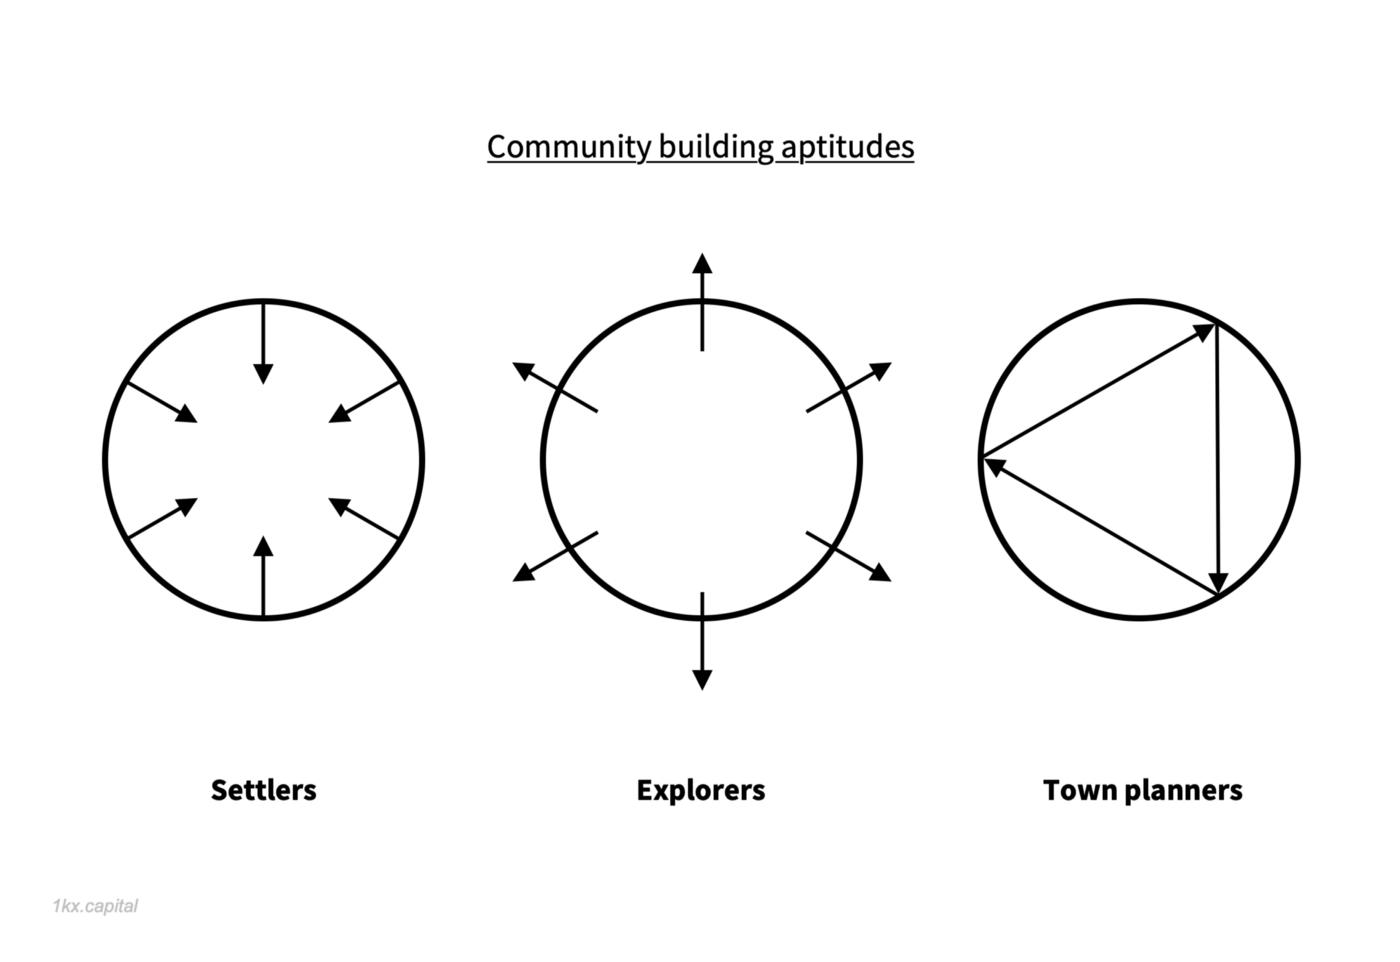 社区建设中必不可少的三种角色